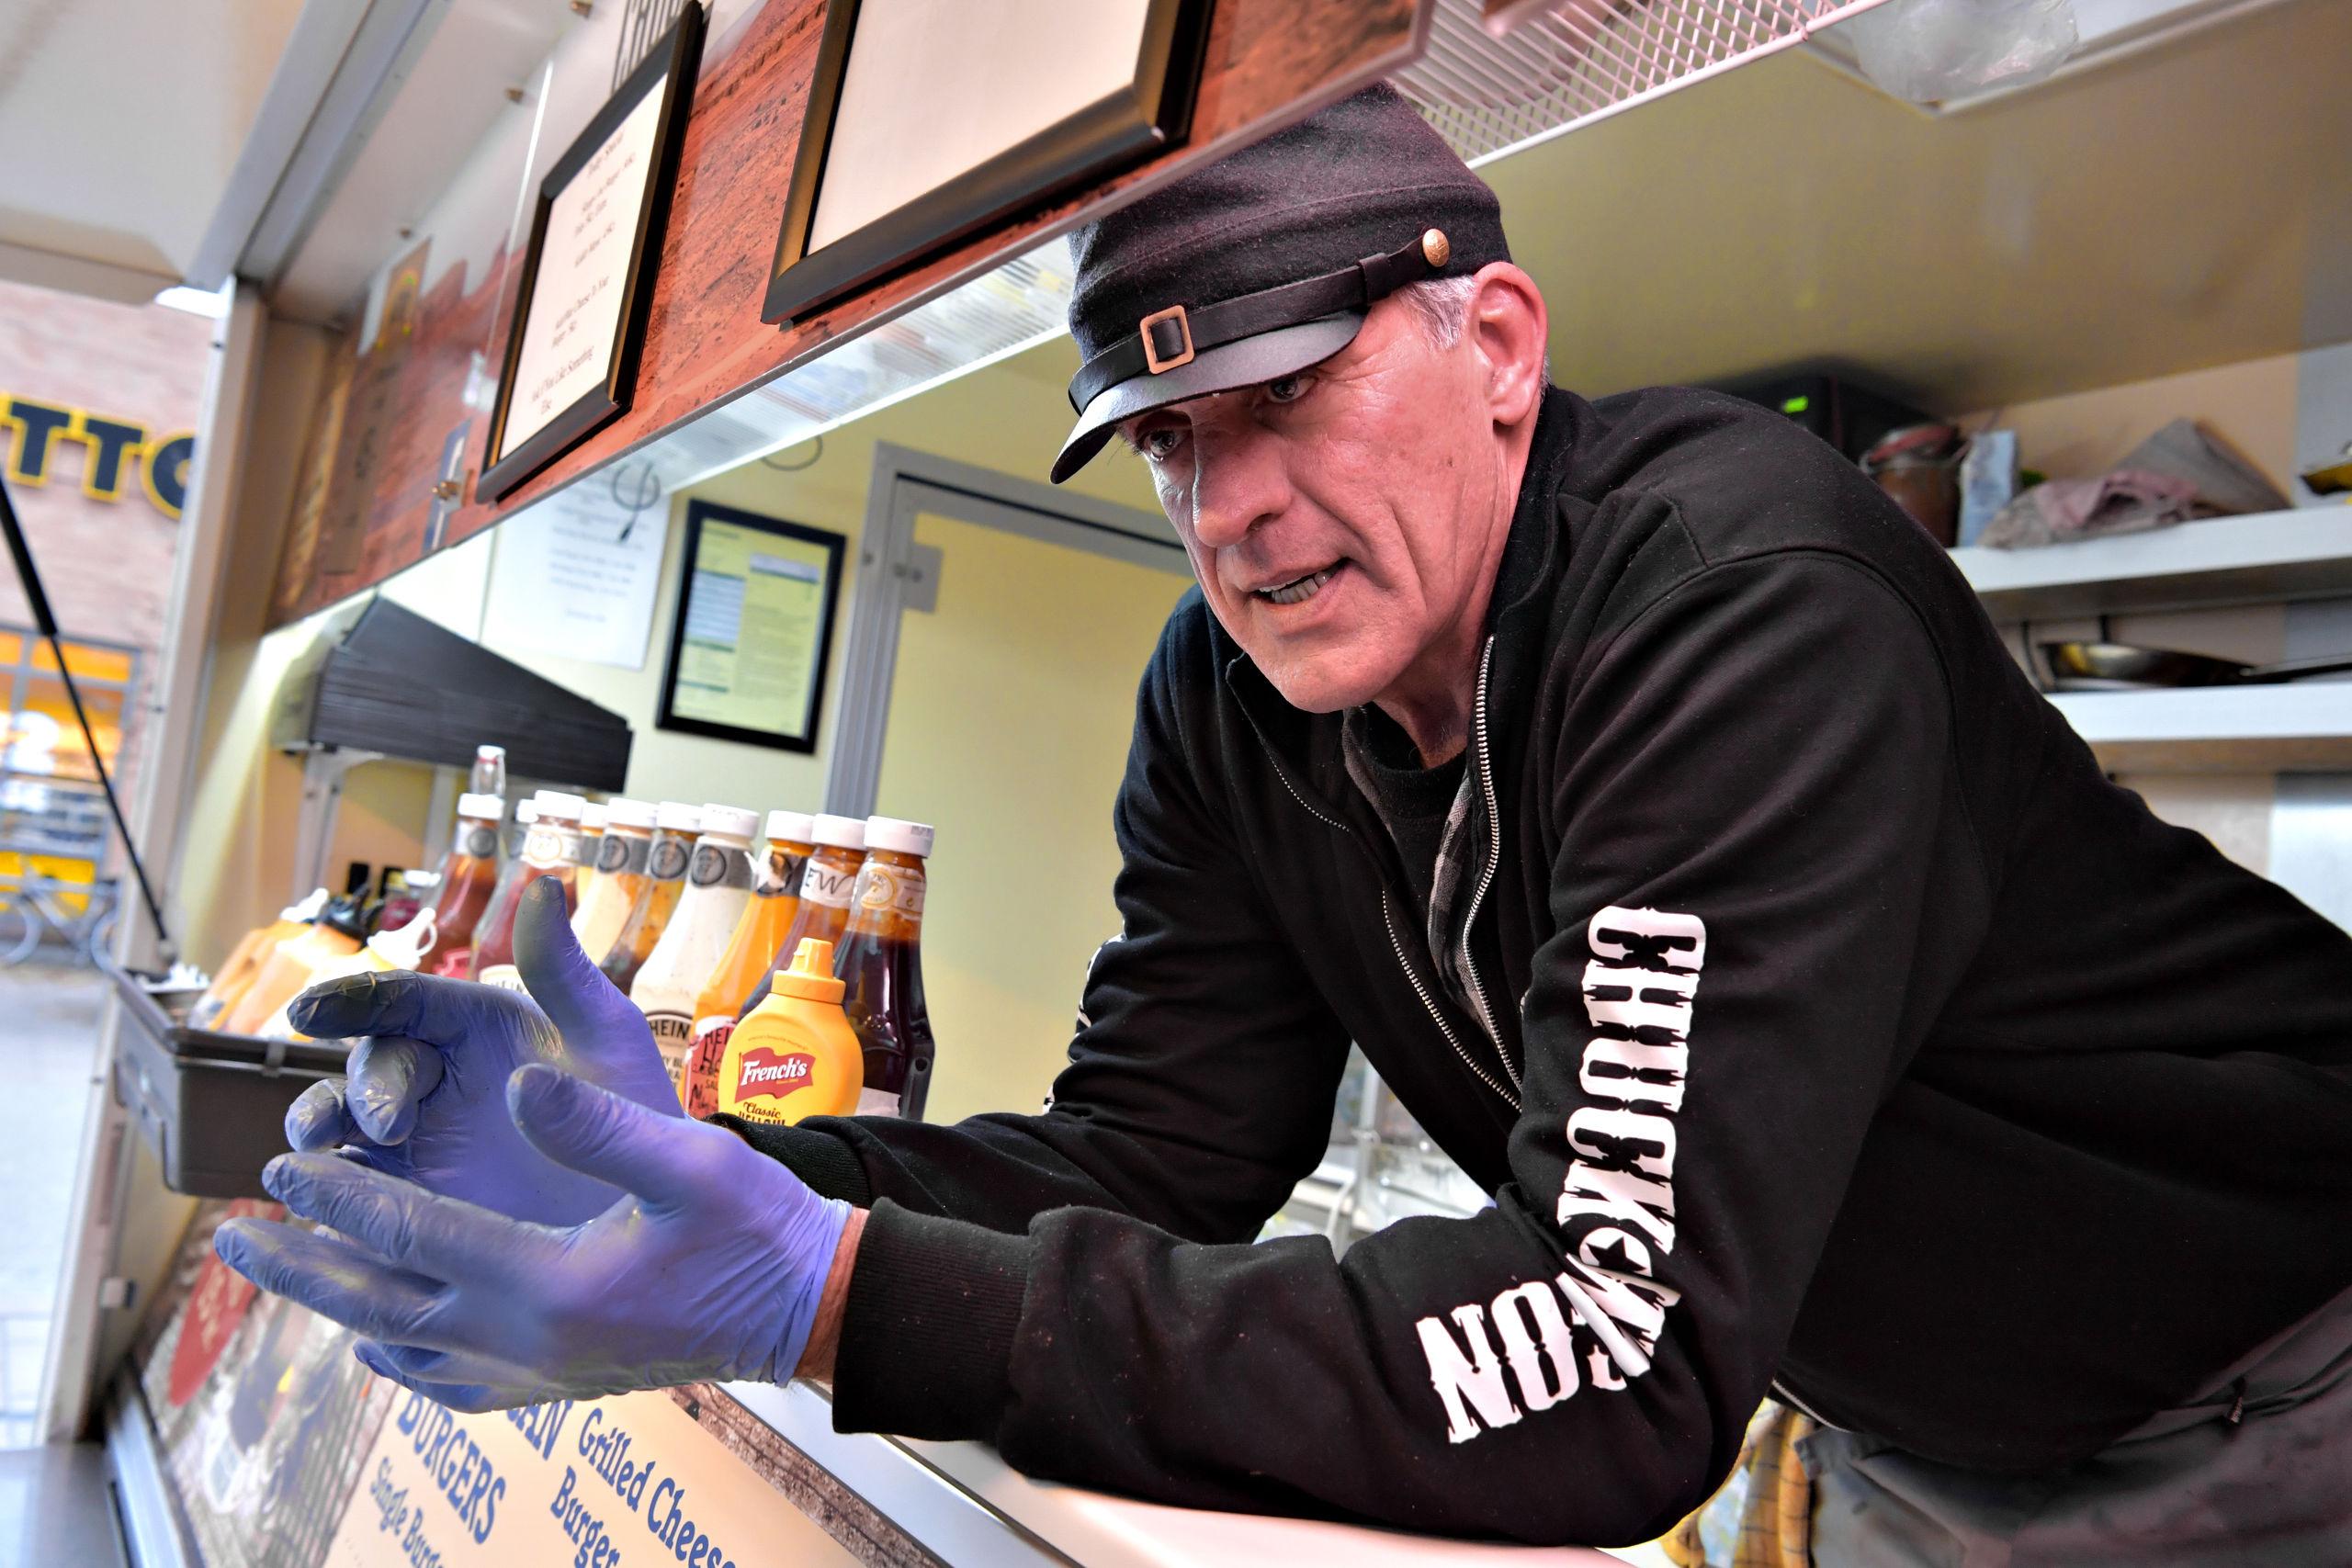 Oprindeligt var Mark Birschbach kok på et skib, men hans hobby med foodtrucken blev i stedet hans levebrød. Foto: Claus Søndberg